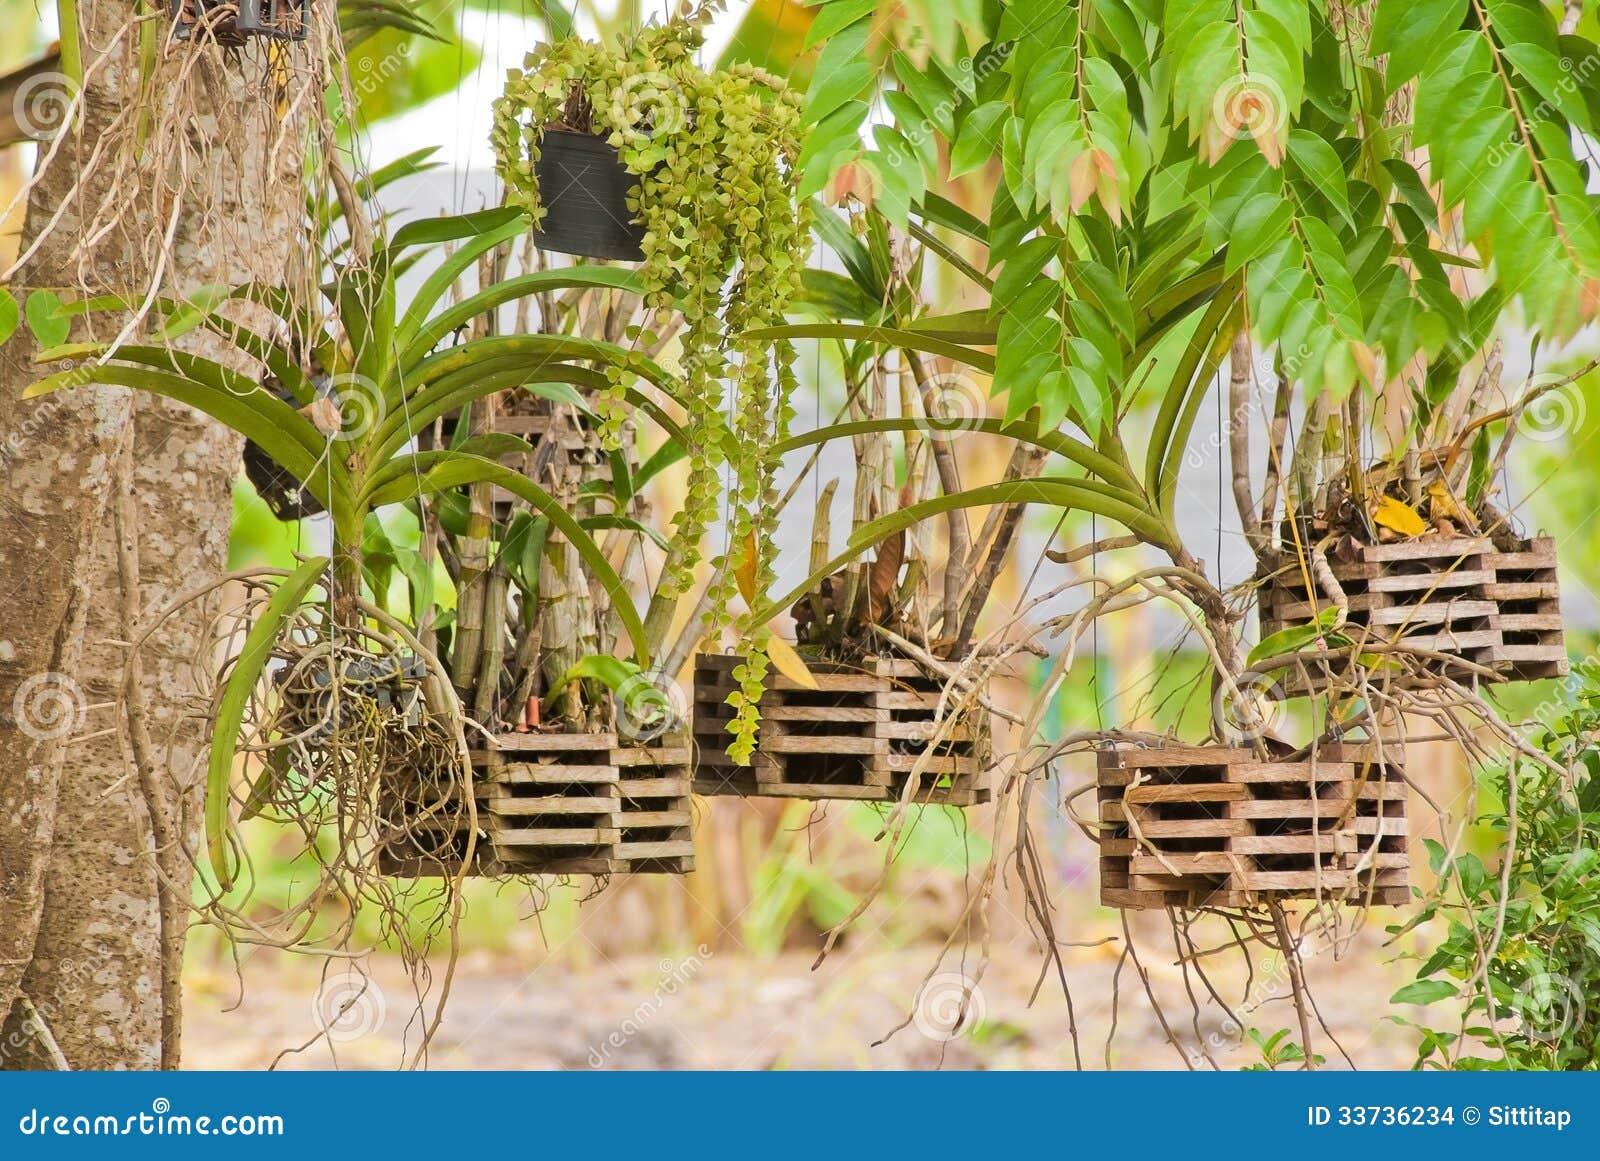 Jardin d orchidée